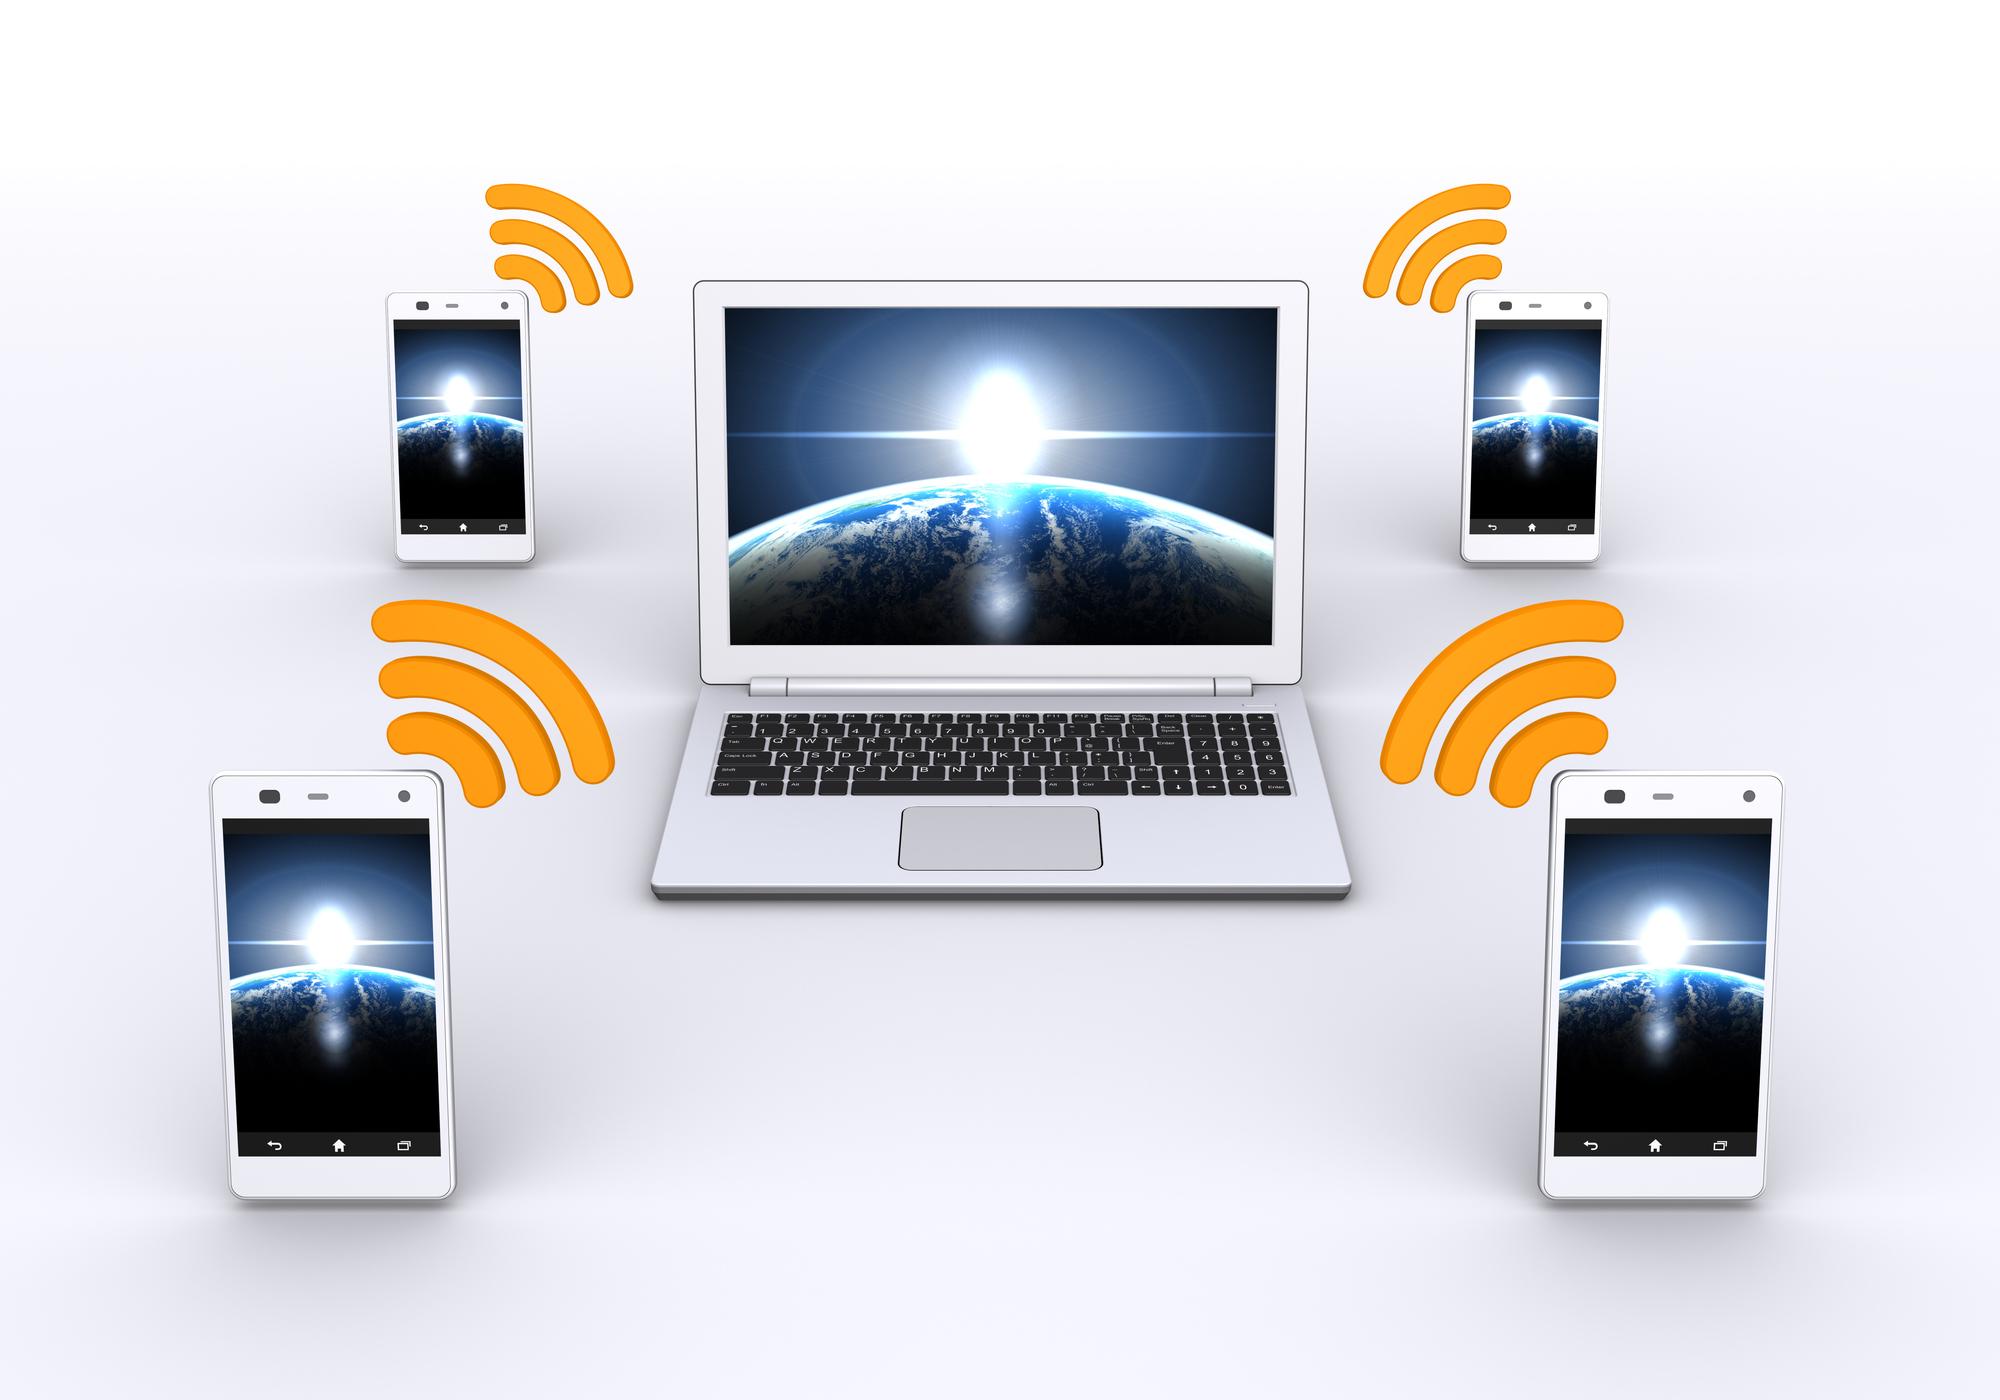 【2020年のトレンド5G】5Gの3つの特徴と考えられる今後の展開とはイメージ画像